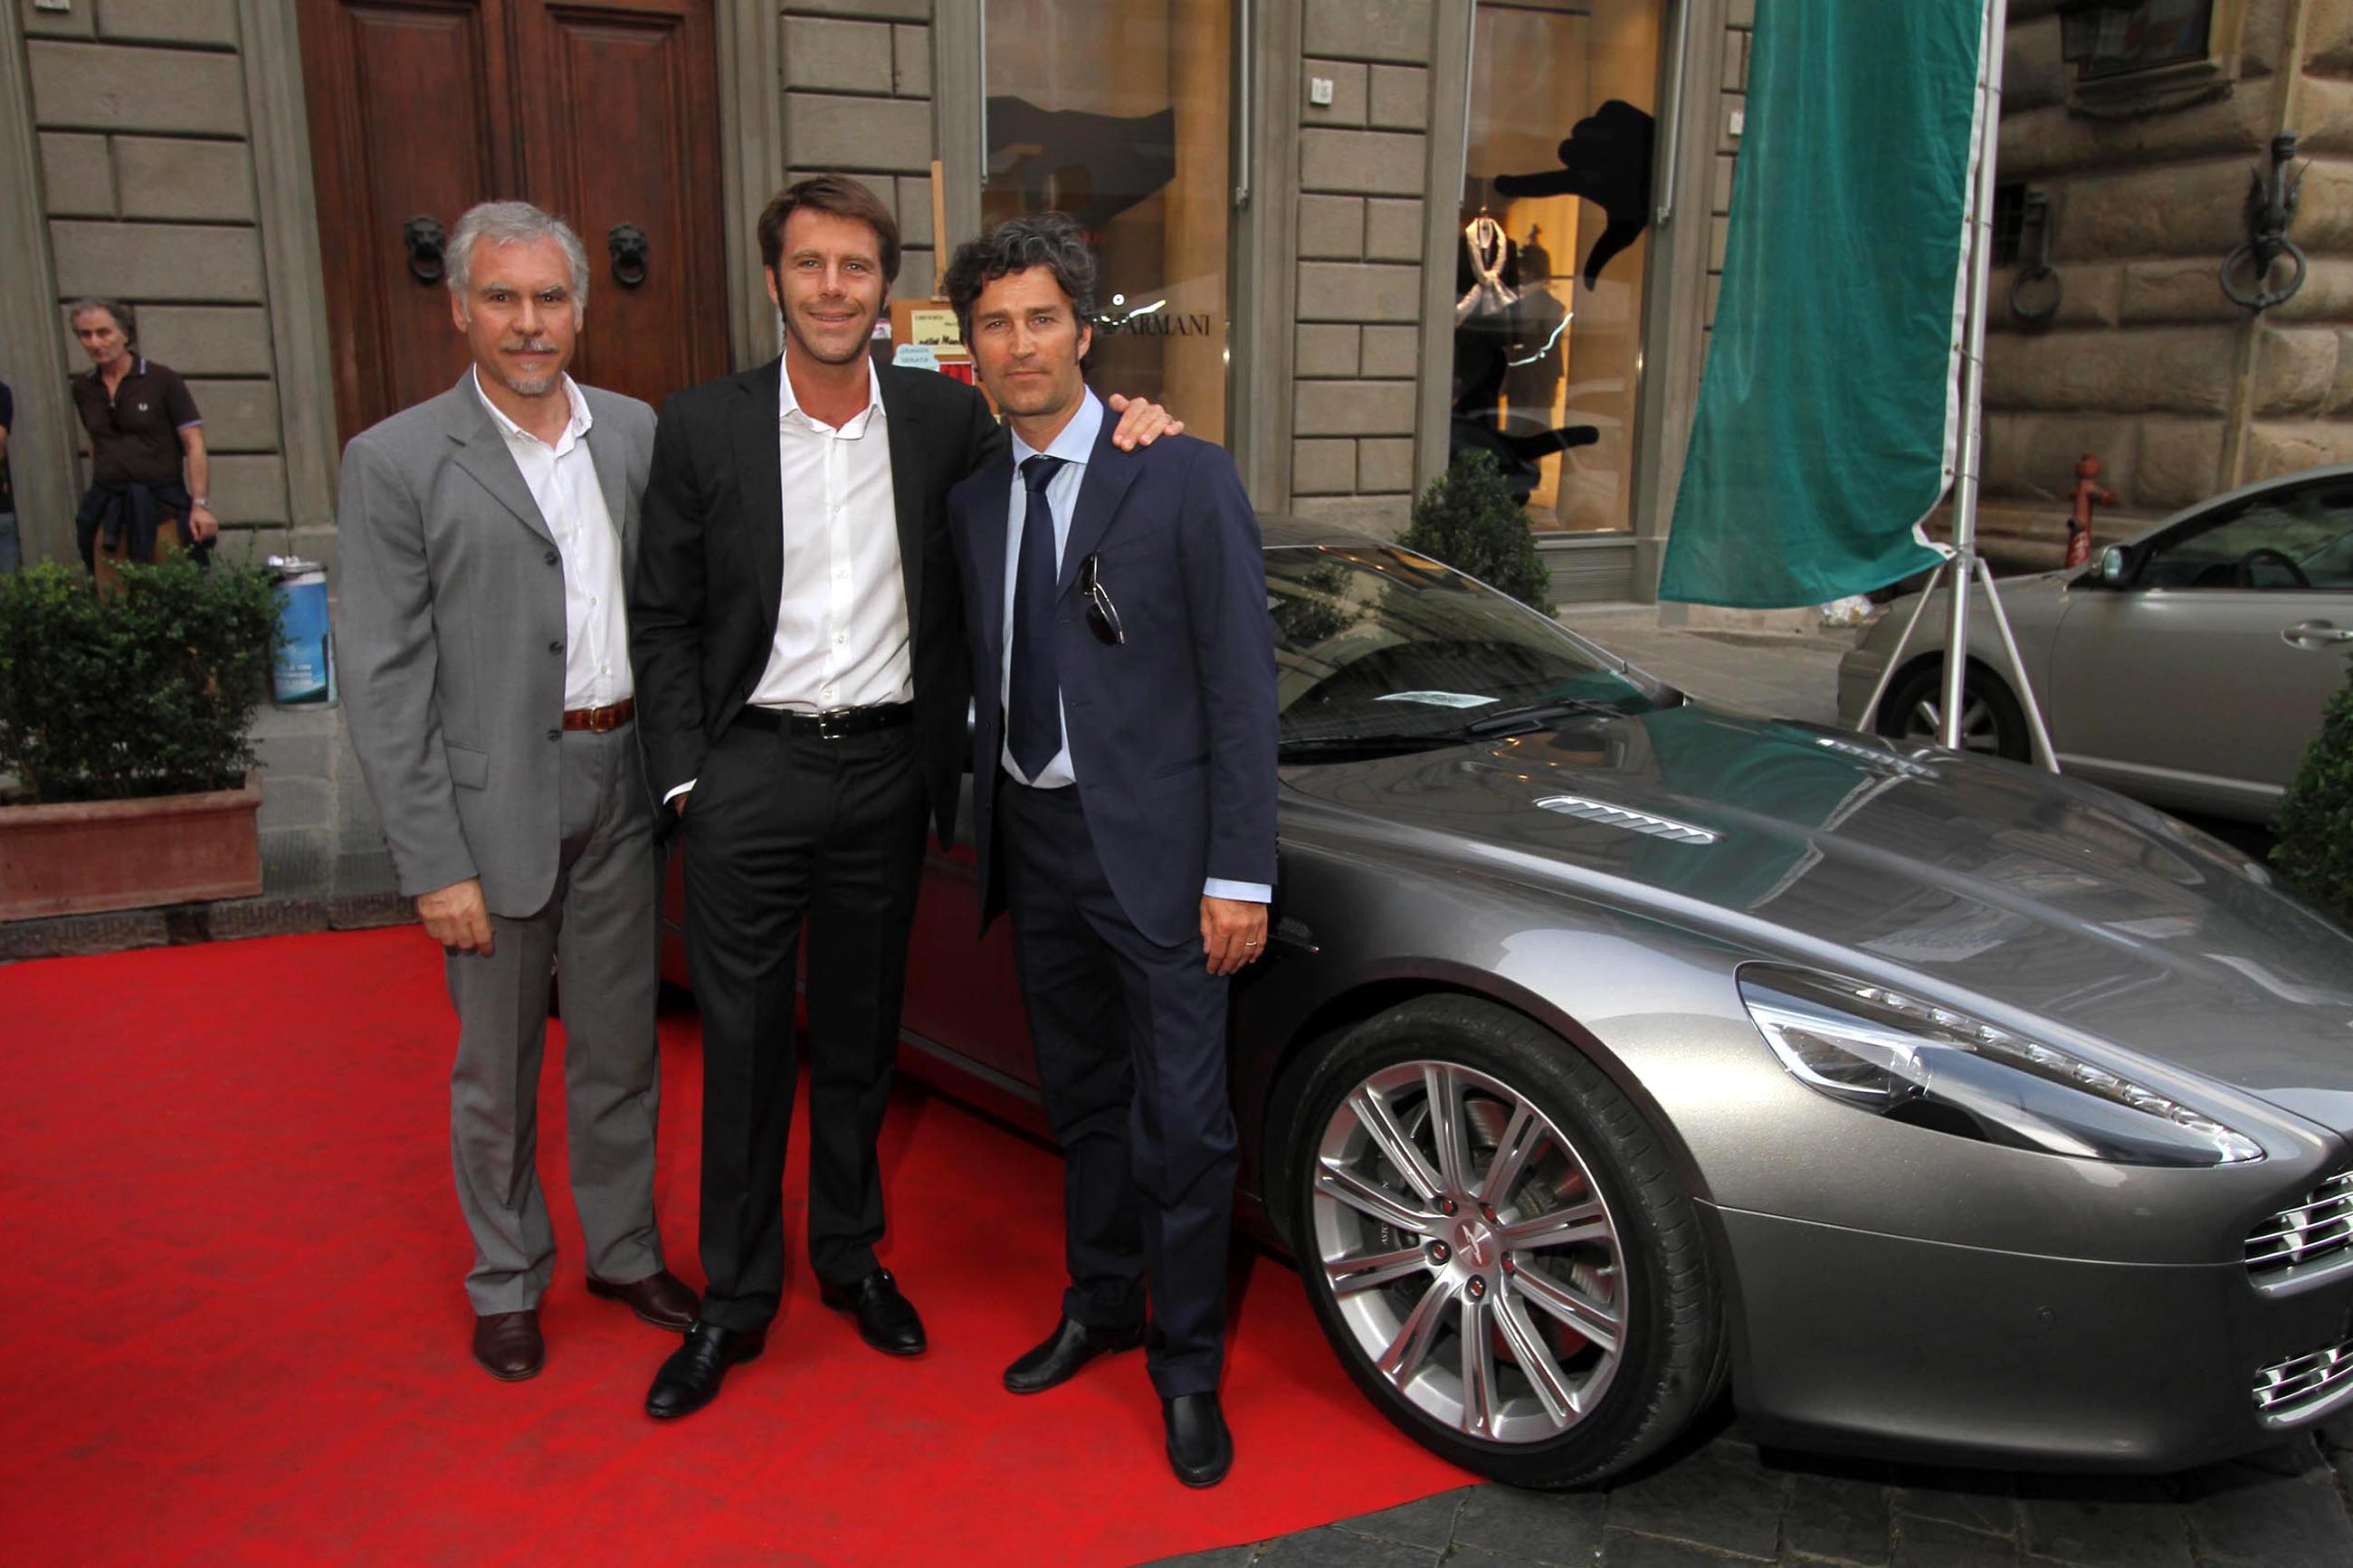 PRESSPHOTO Firenze, Evento Milord Aston Martin. Nella foto ---------, Luca Borrelli e Emanuele Filiberto di Savoia